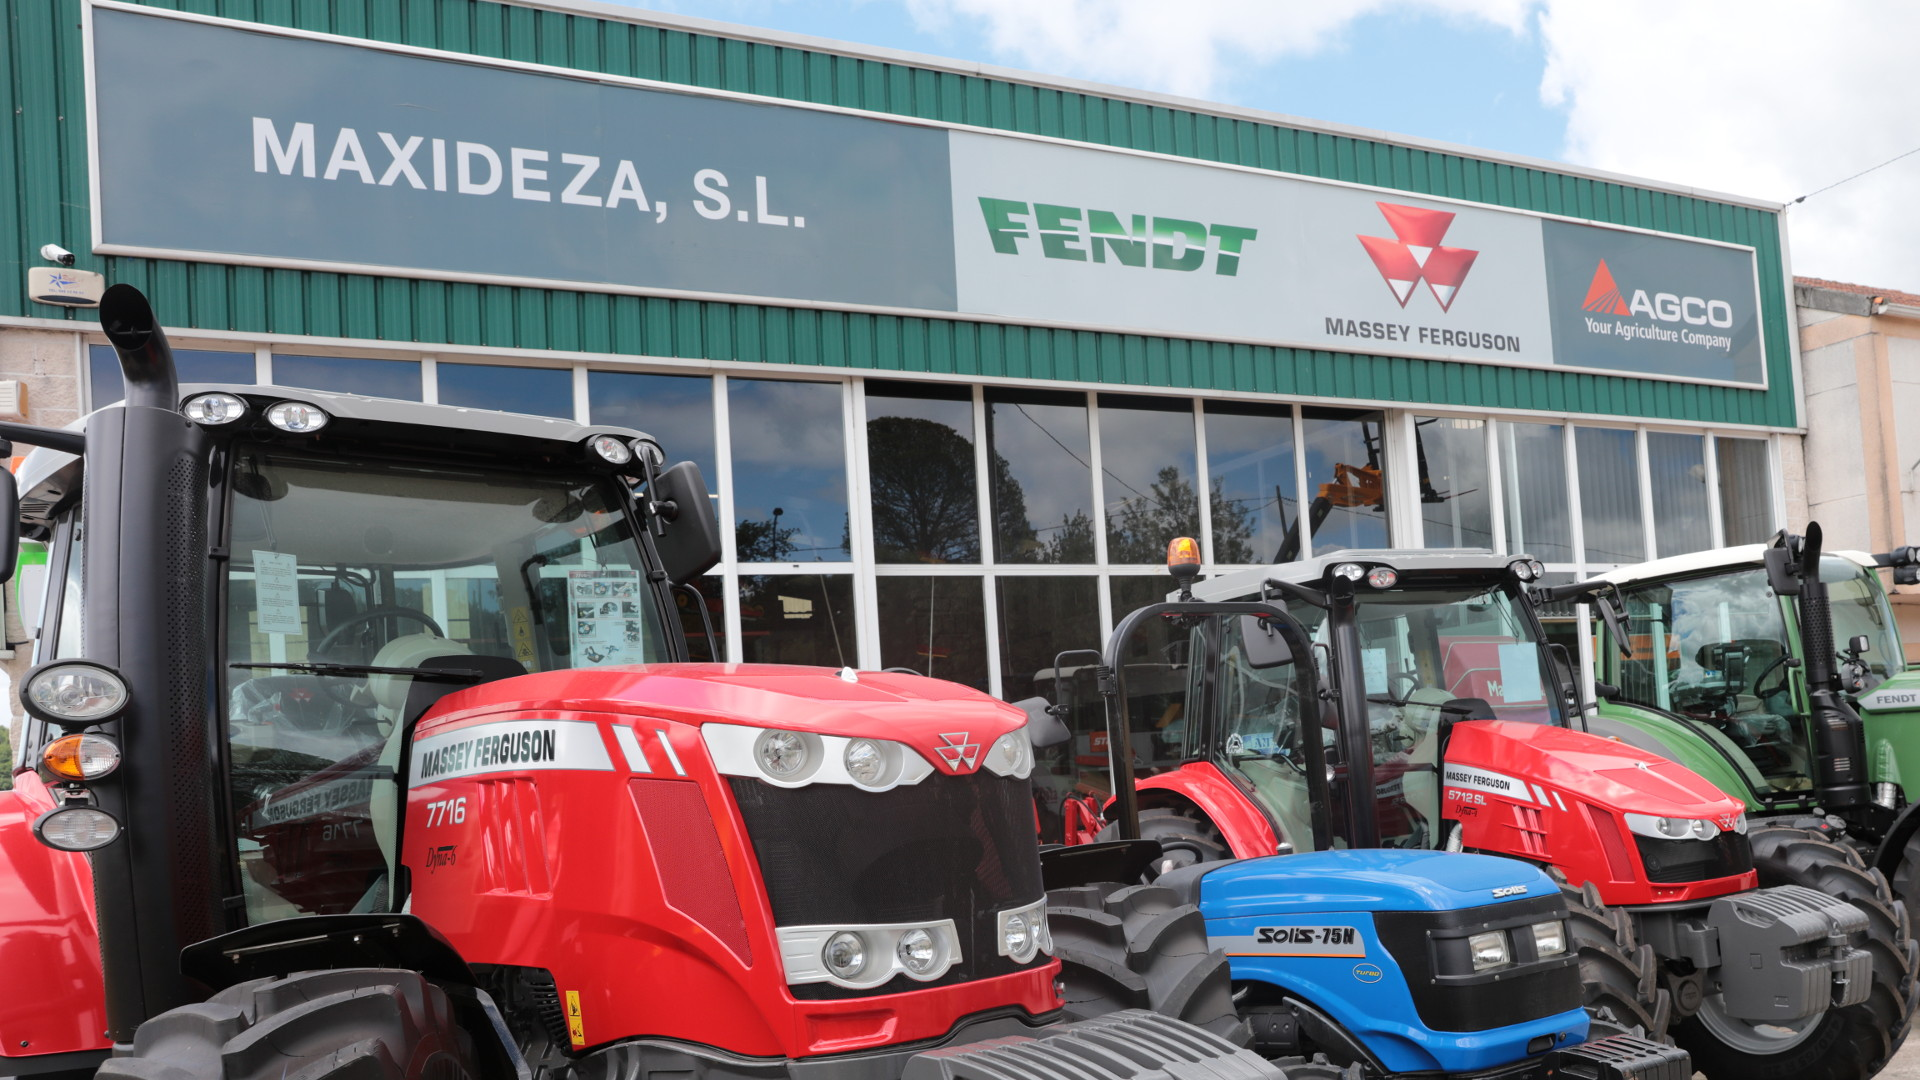 Venta de Tractores en la zona de Lalín y Silleda Maxideza